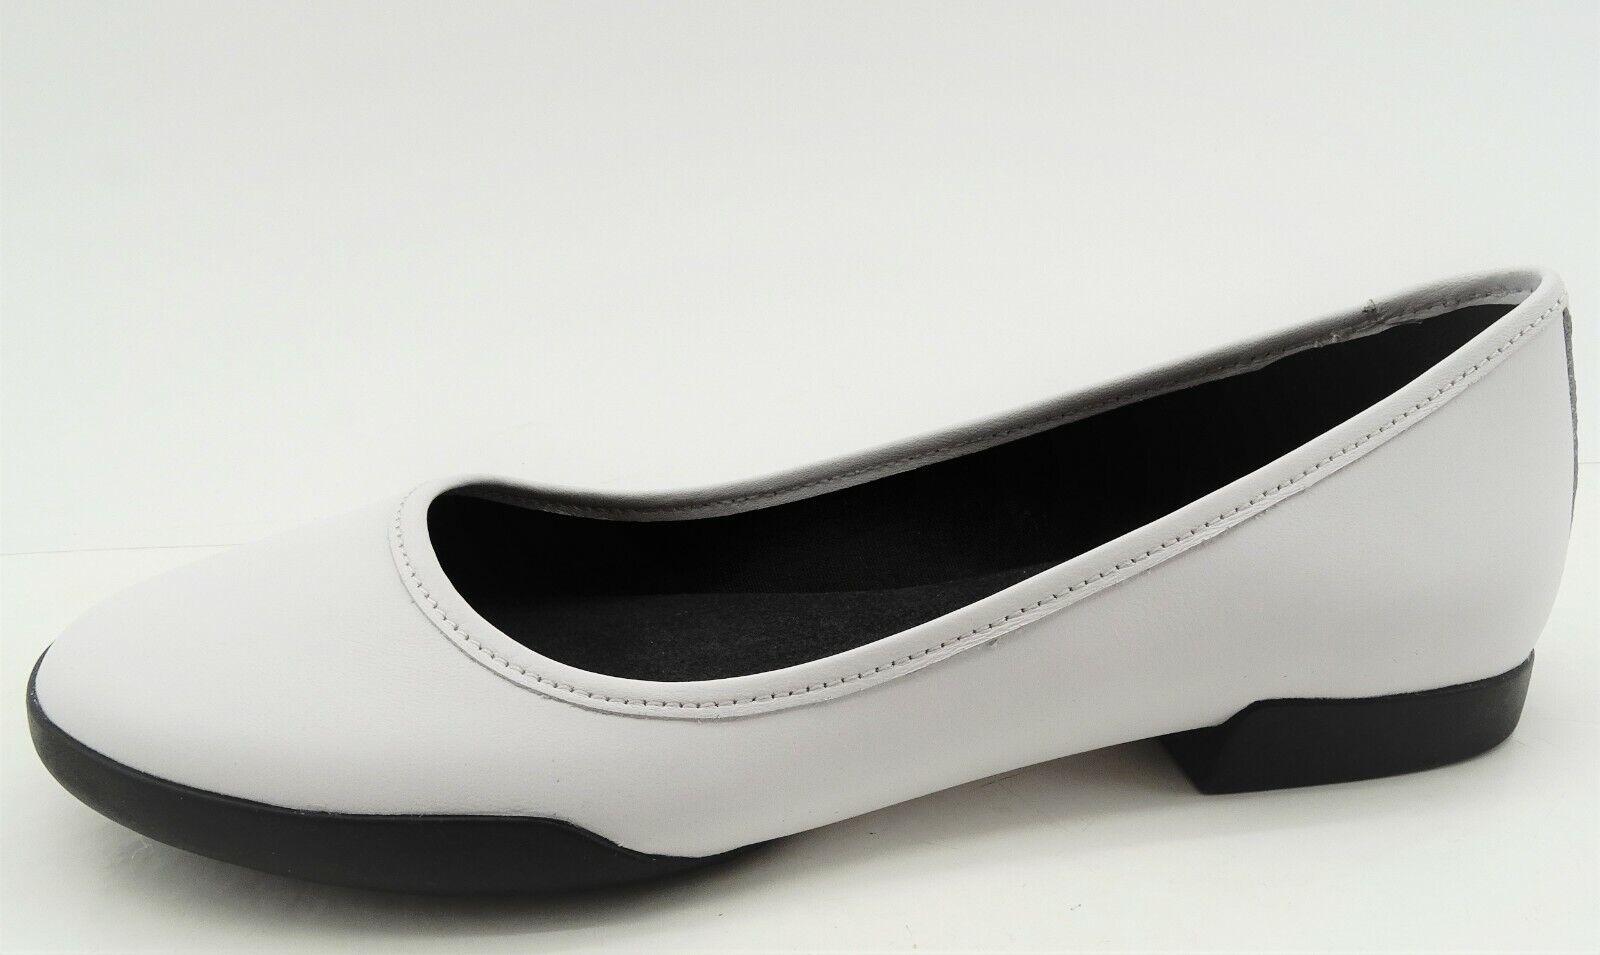 Camper Damen Schuhe Casi TIPTAP Ballerinas Weiß   Schwarz Slipper Leder Gr 40